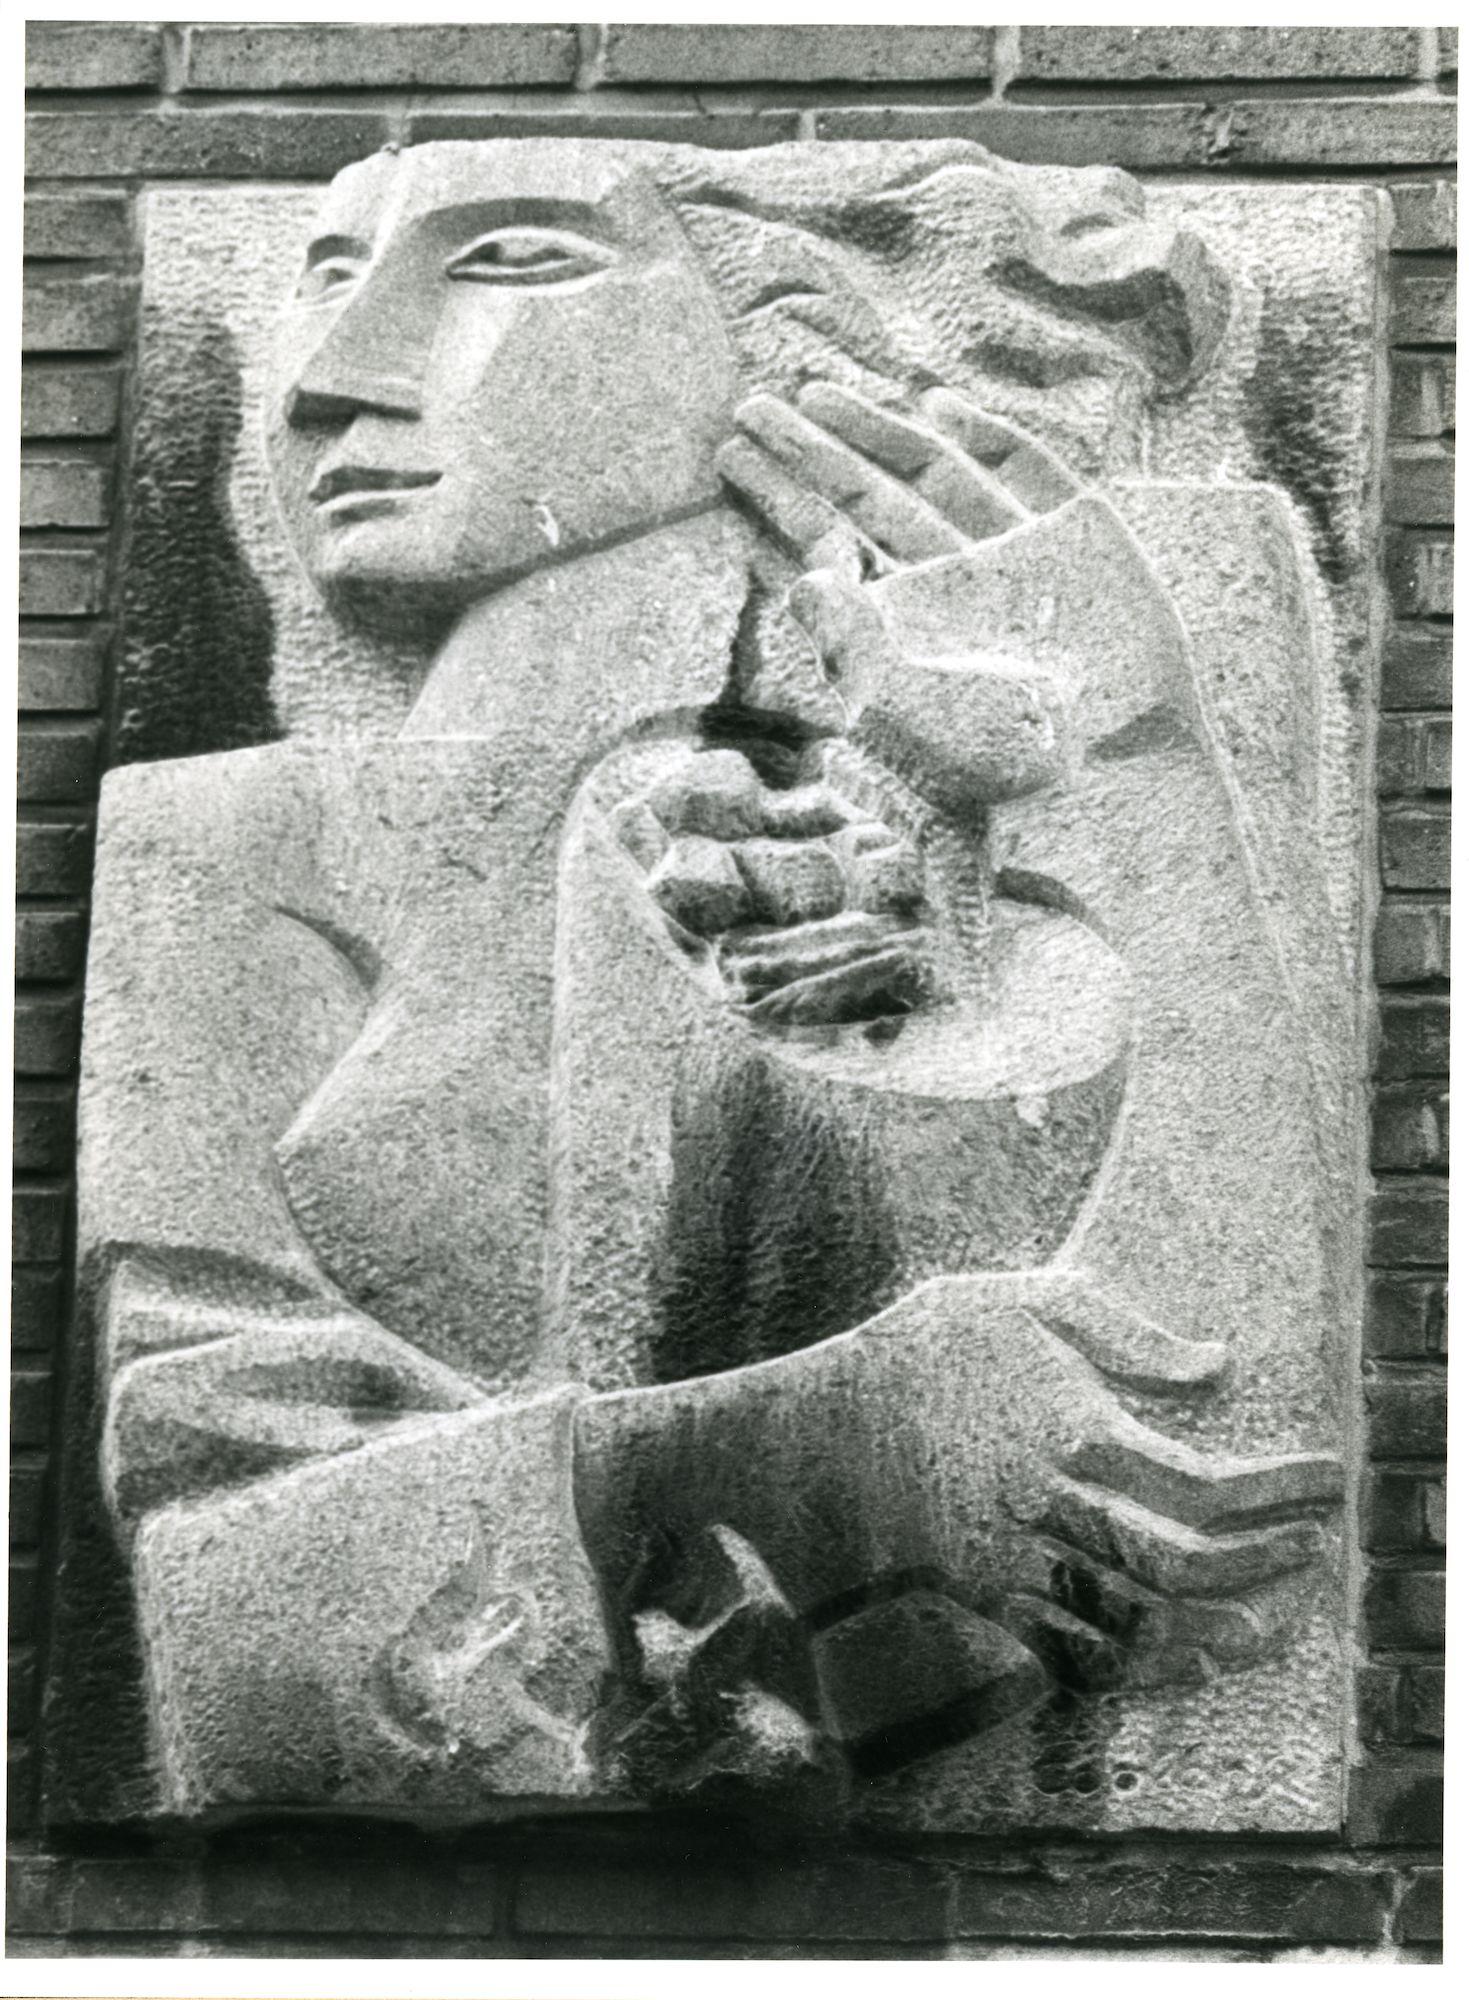 Gent: Wolterslaan 44: Beeldhouwwerk, 1980